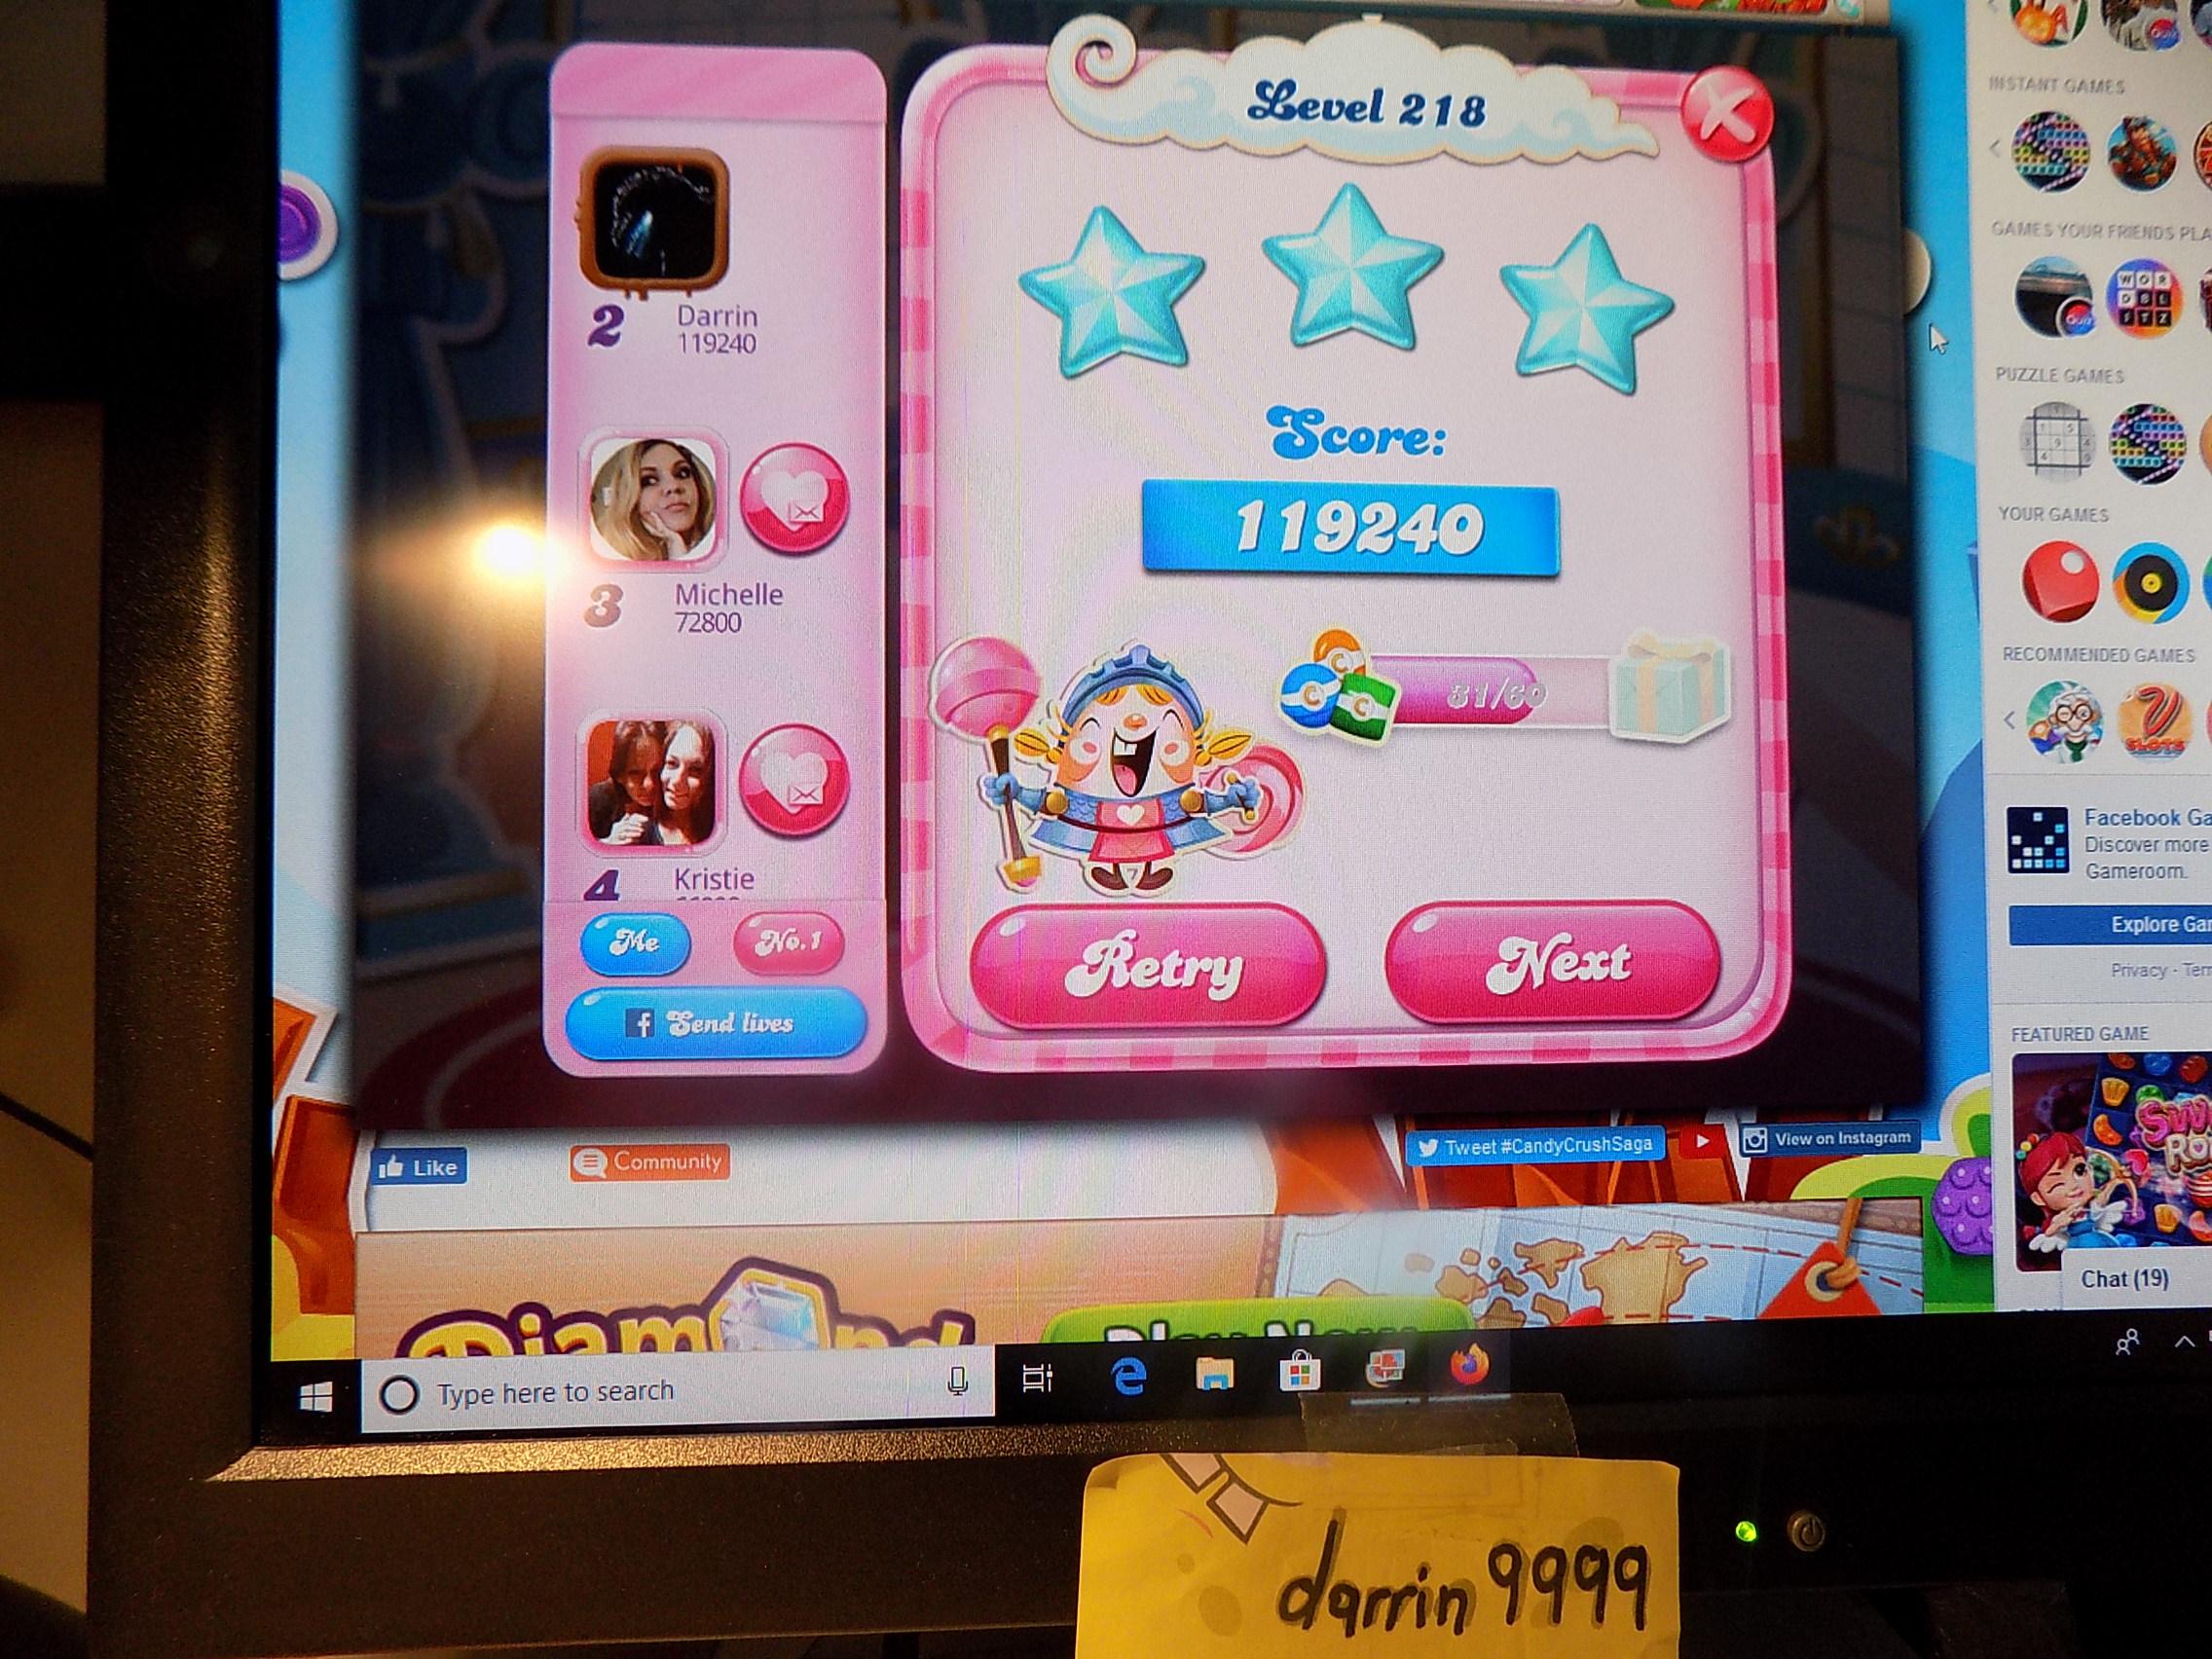 darrin9999: Candy Crush Saga: Level 218 (Web) 119,240 points on 2019-11-18 06:47:34